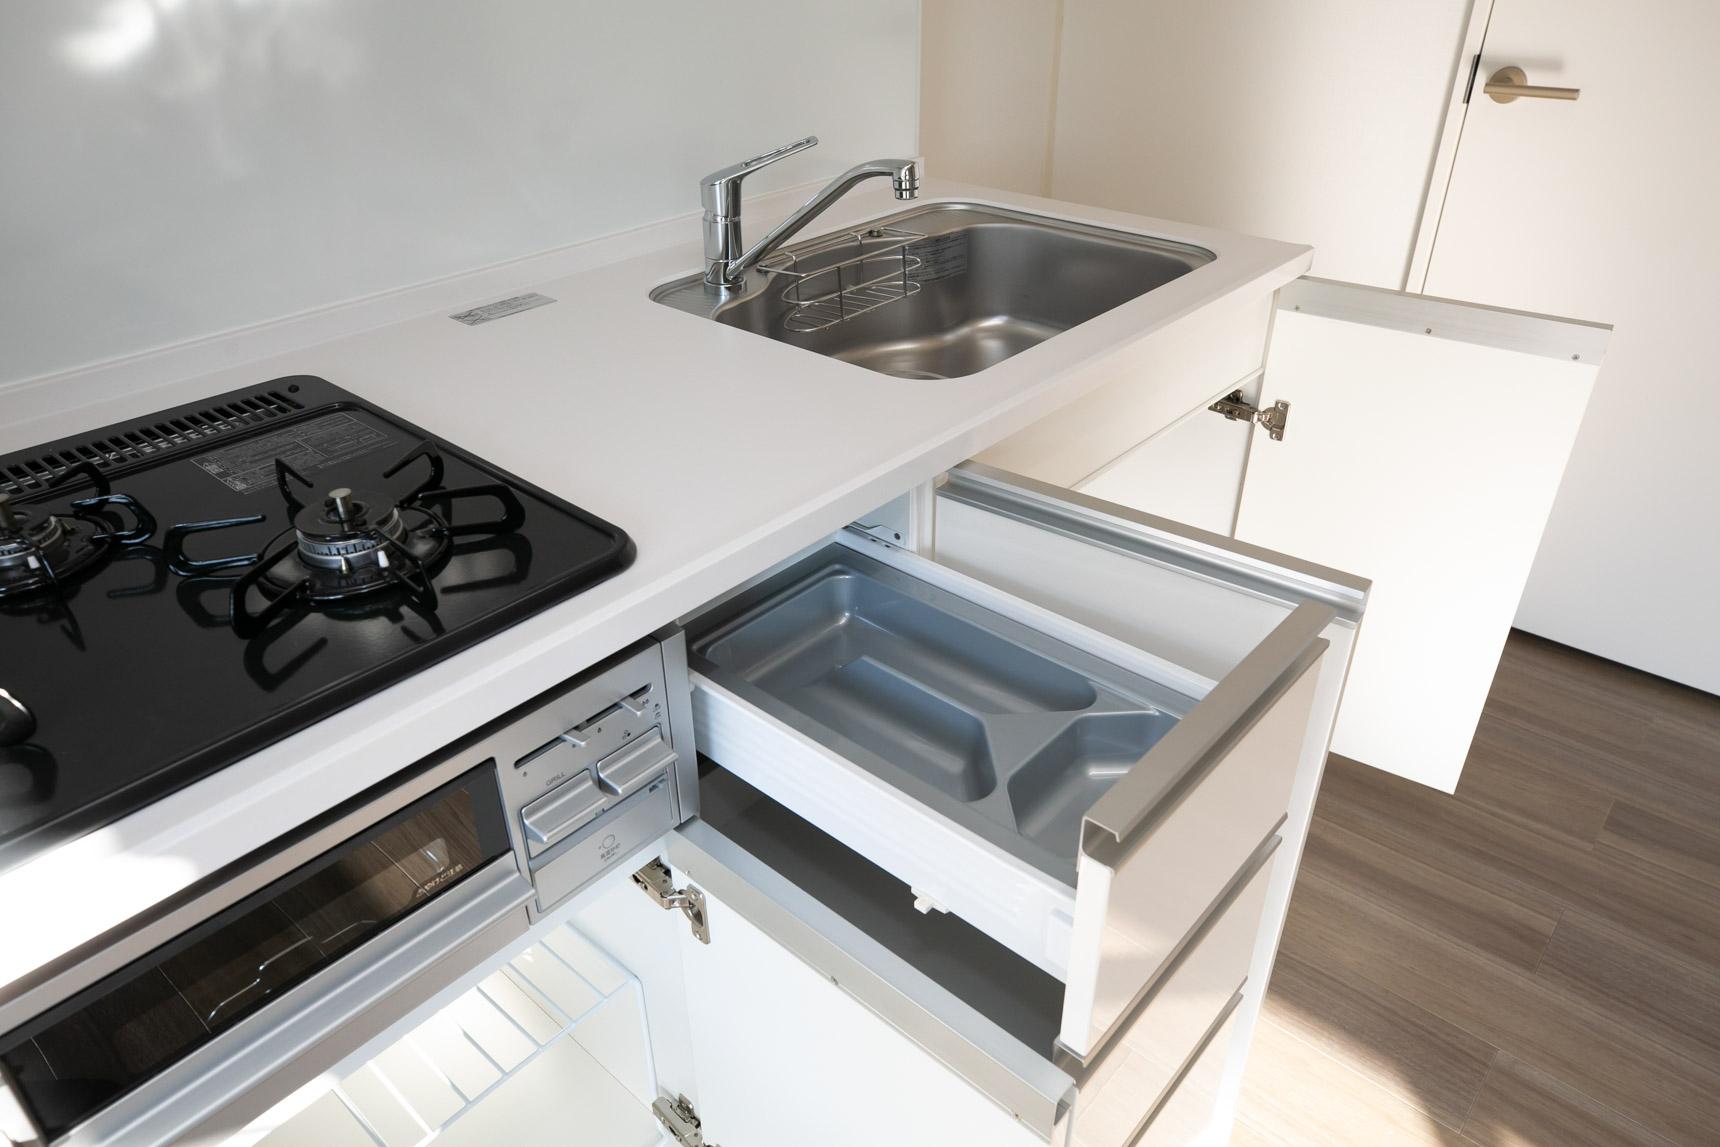 ガス3口の機能的なキッチン。真っ白のシンプルなデザインも、良いですよね。 キッチン奥はホーローパネルなので、ふき取り掃除も簡単です。